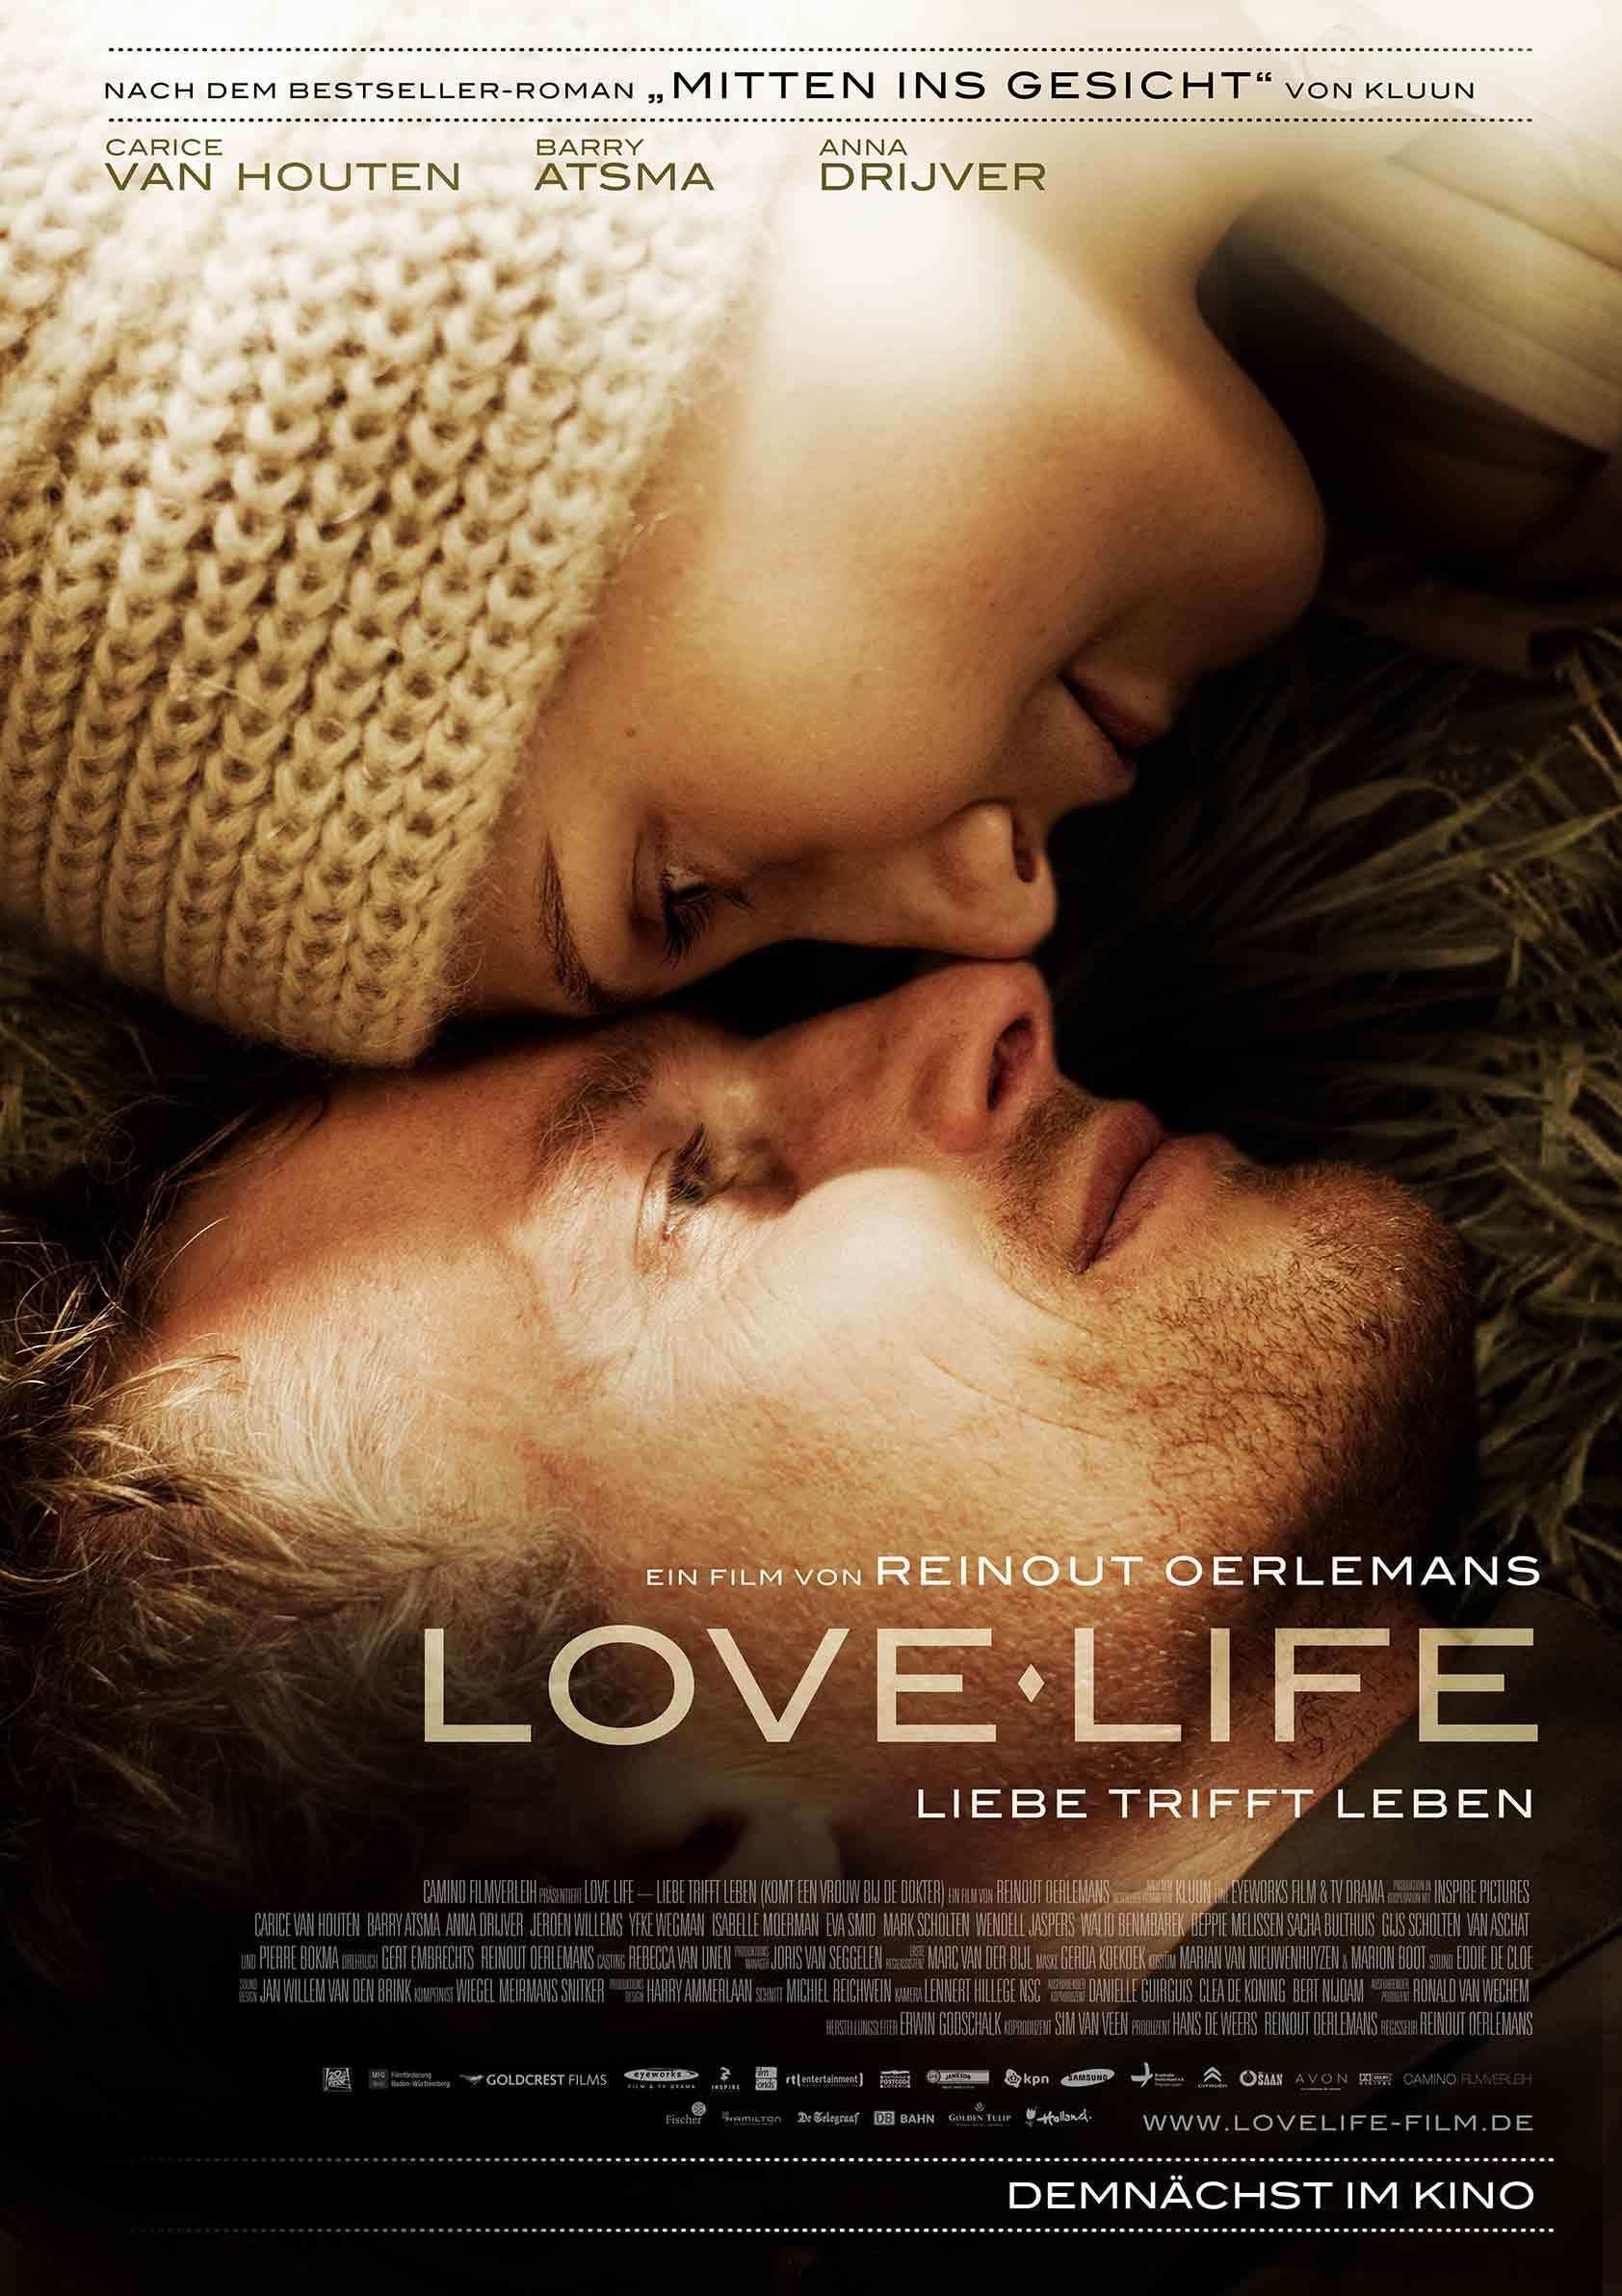 Lovelife poster